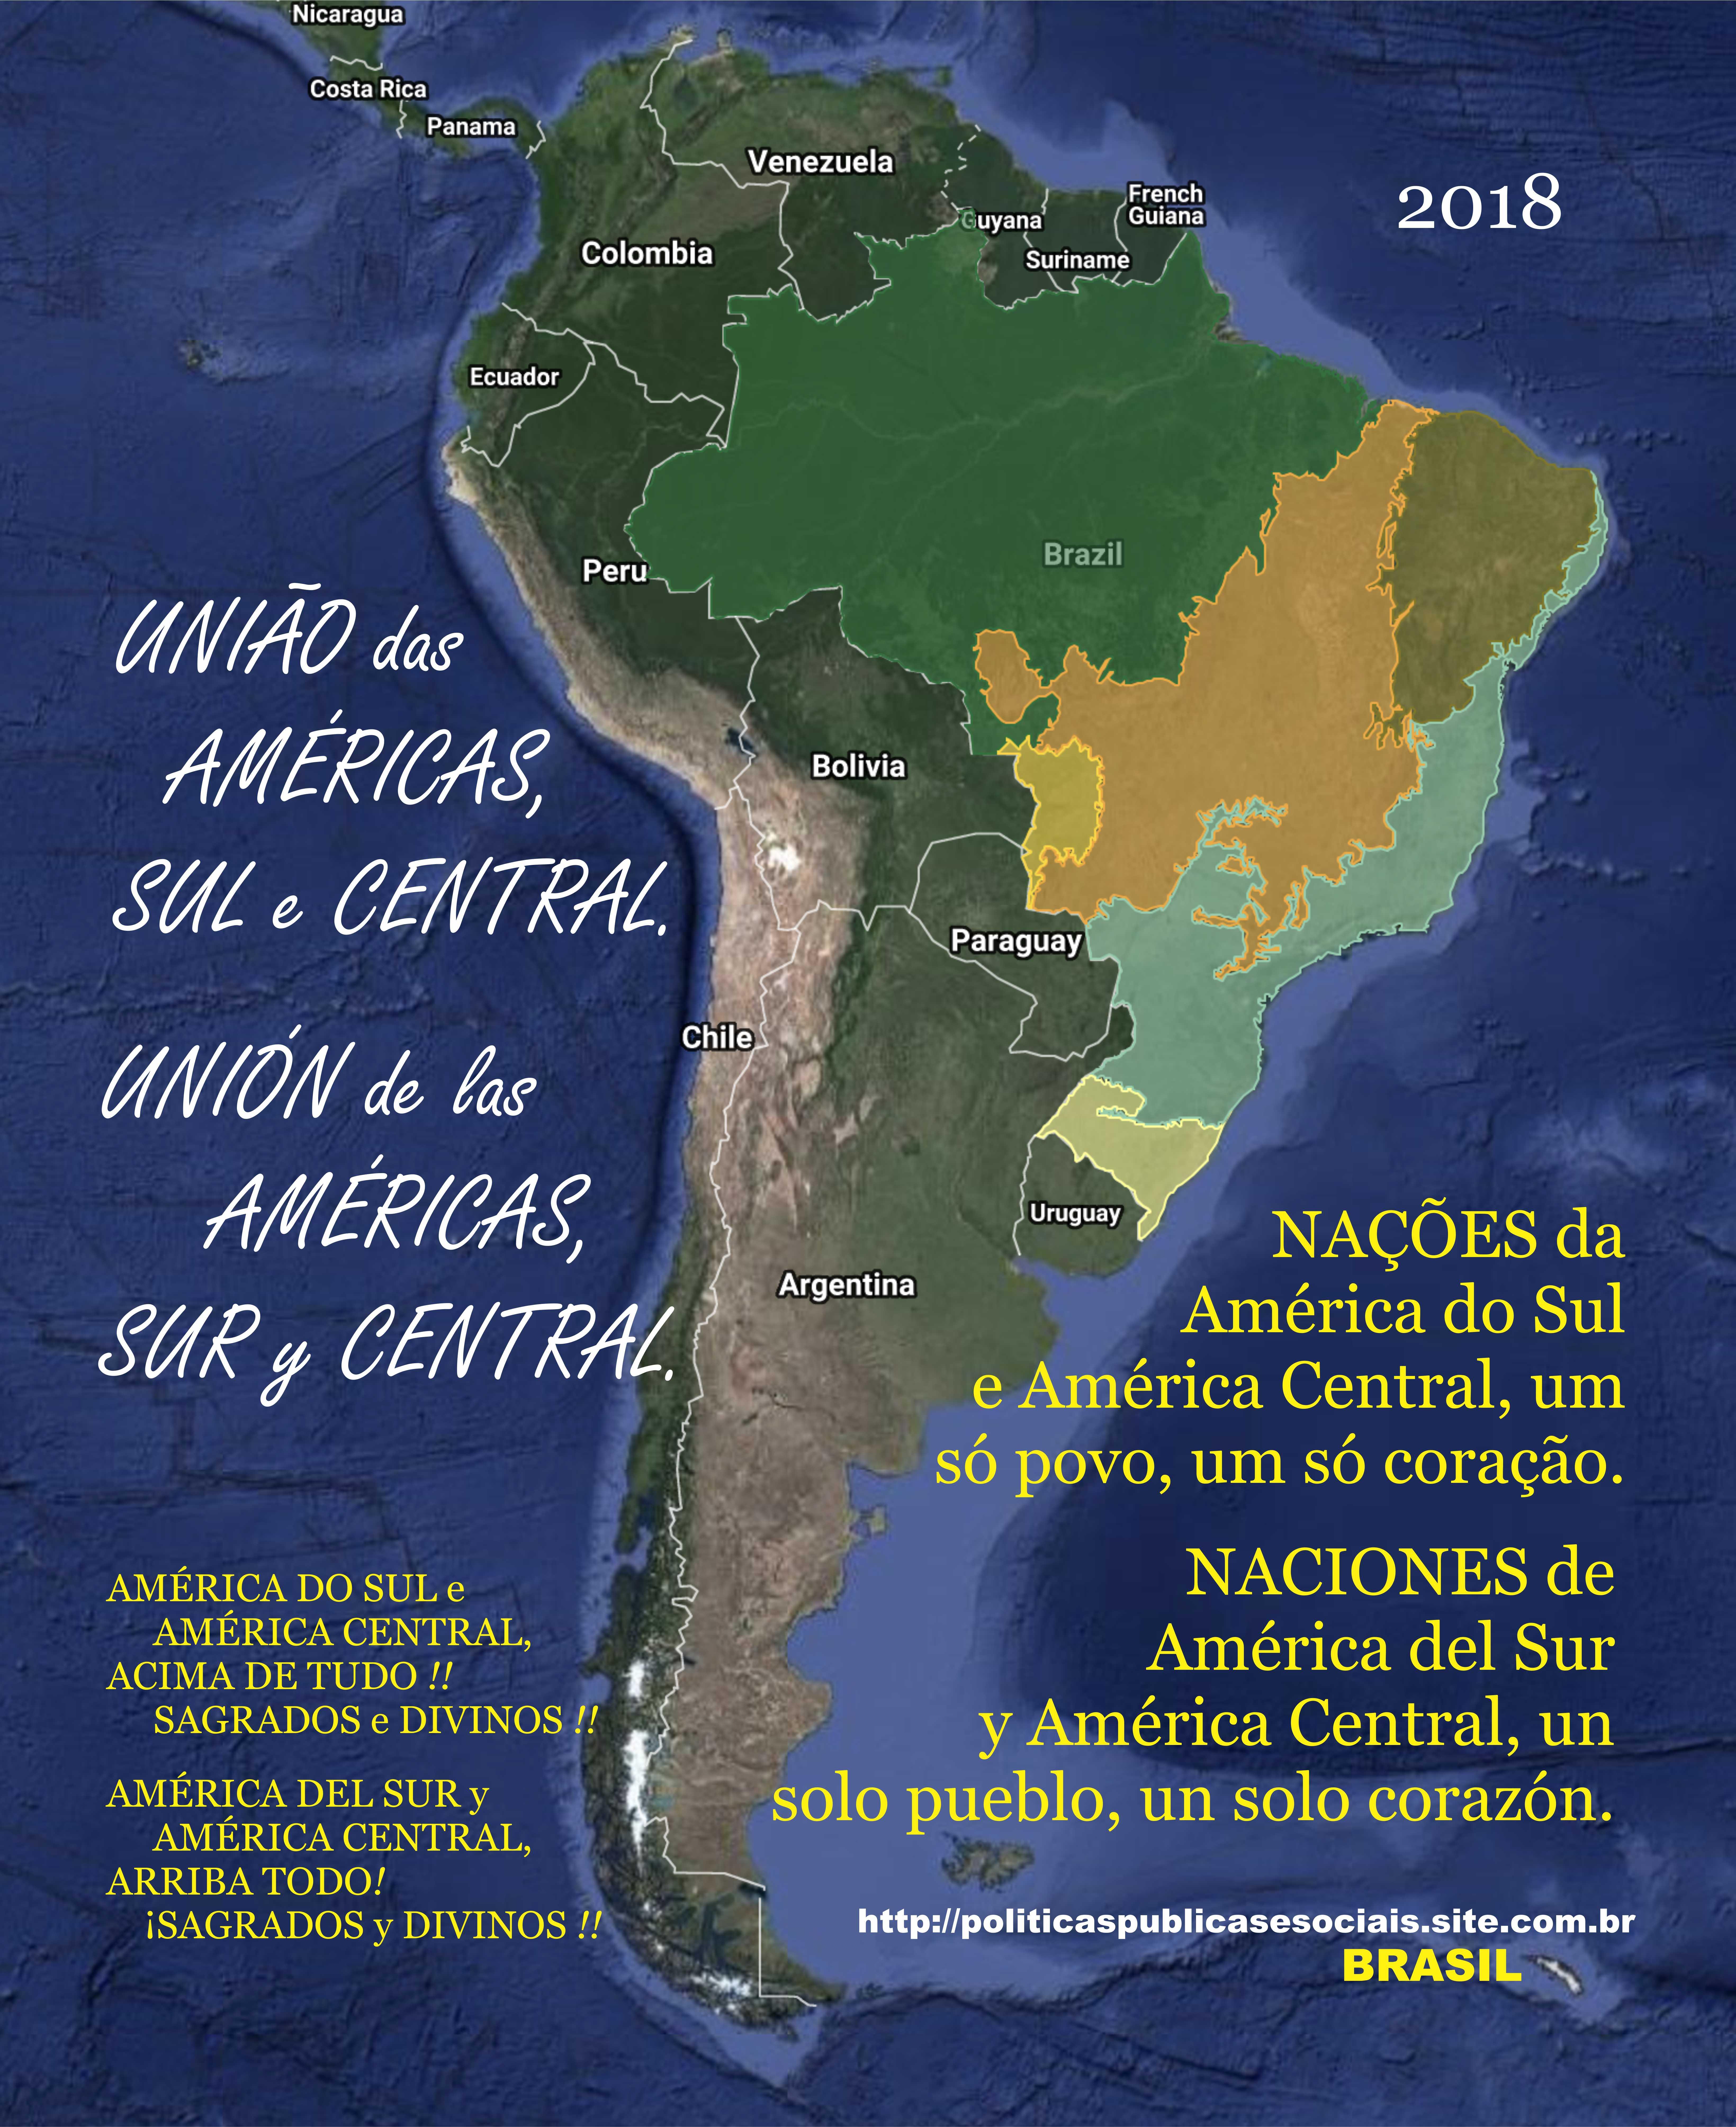 União das Américas do Sul e Central - BRASIL